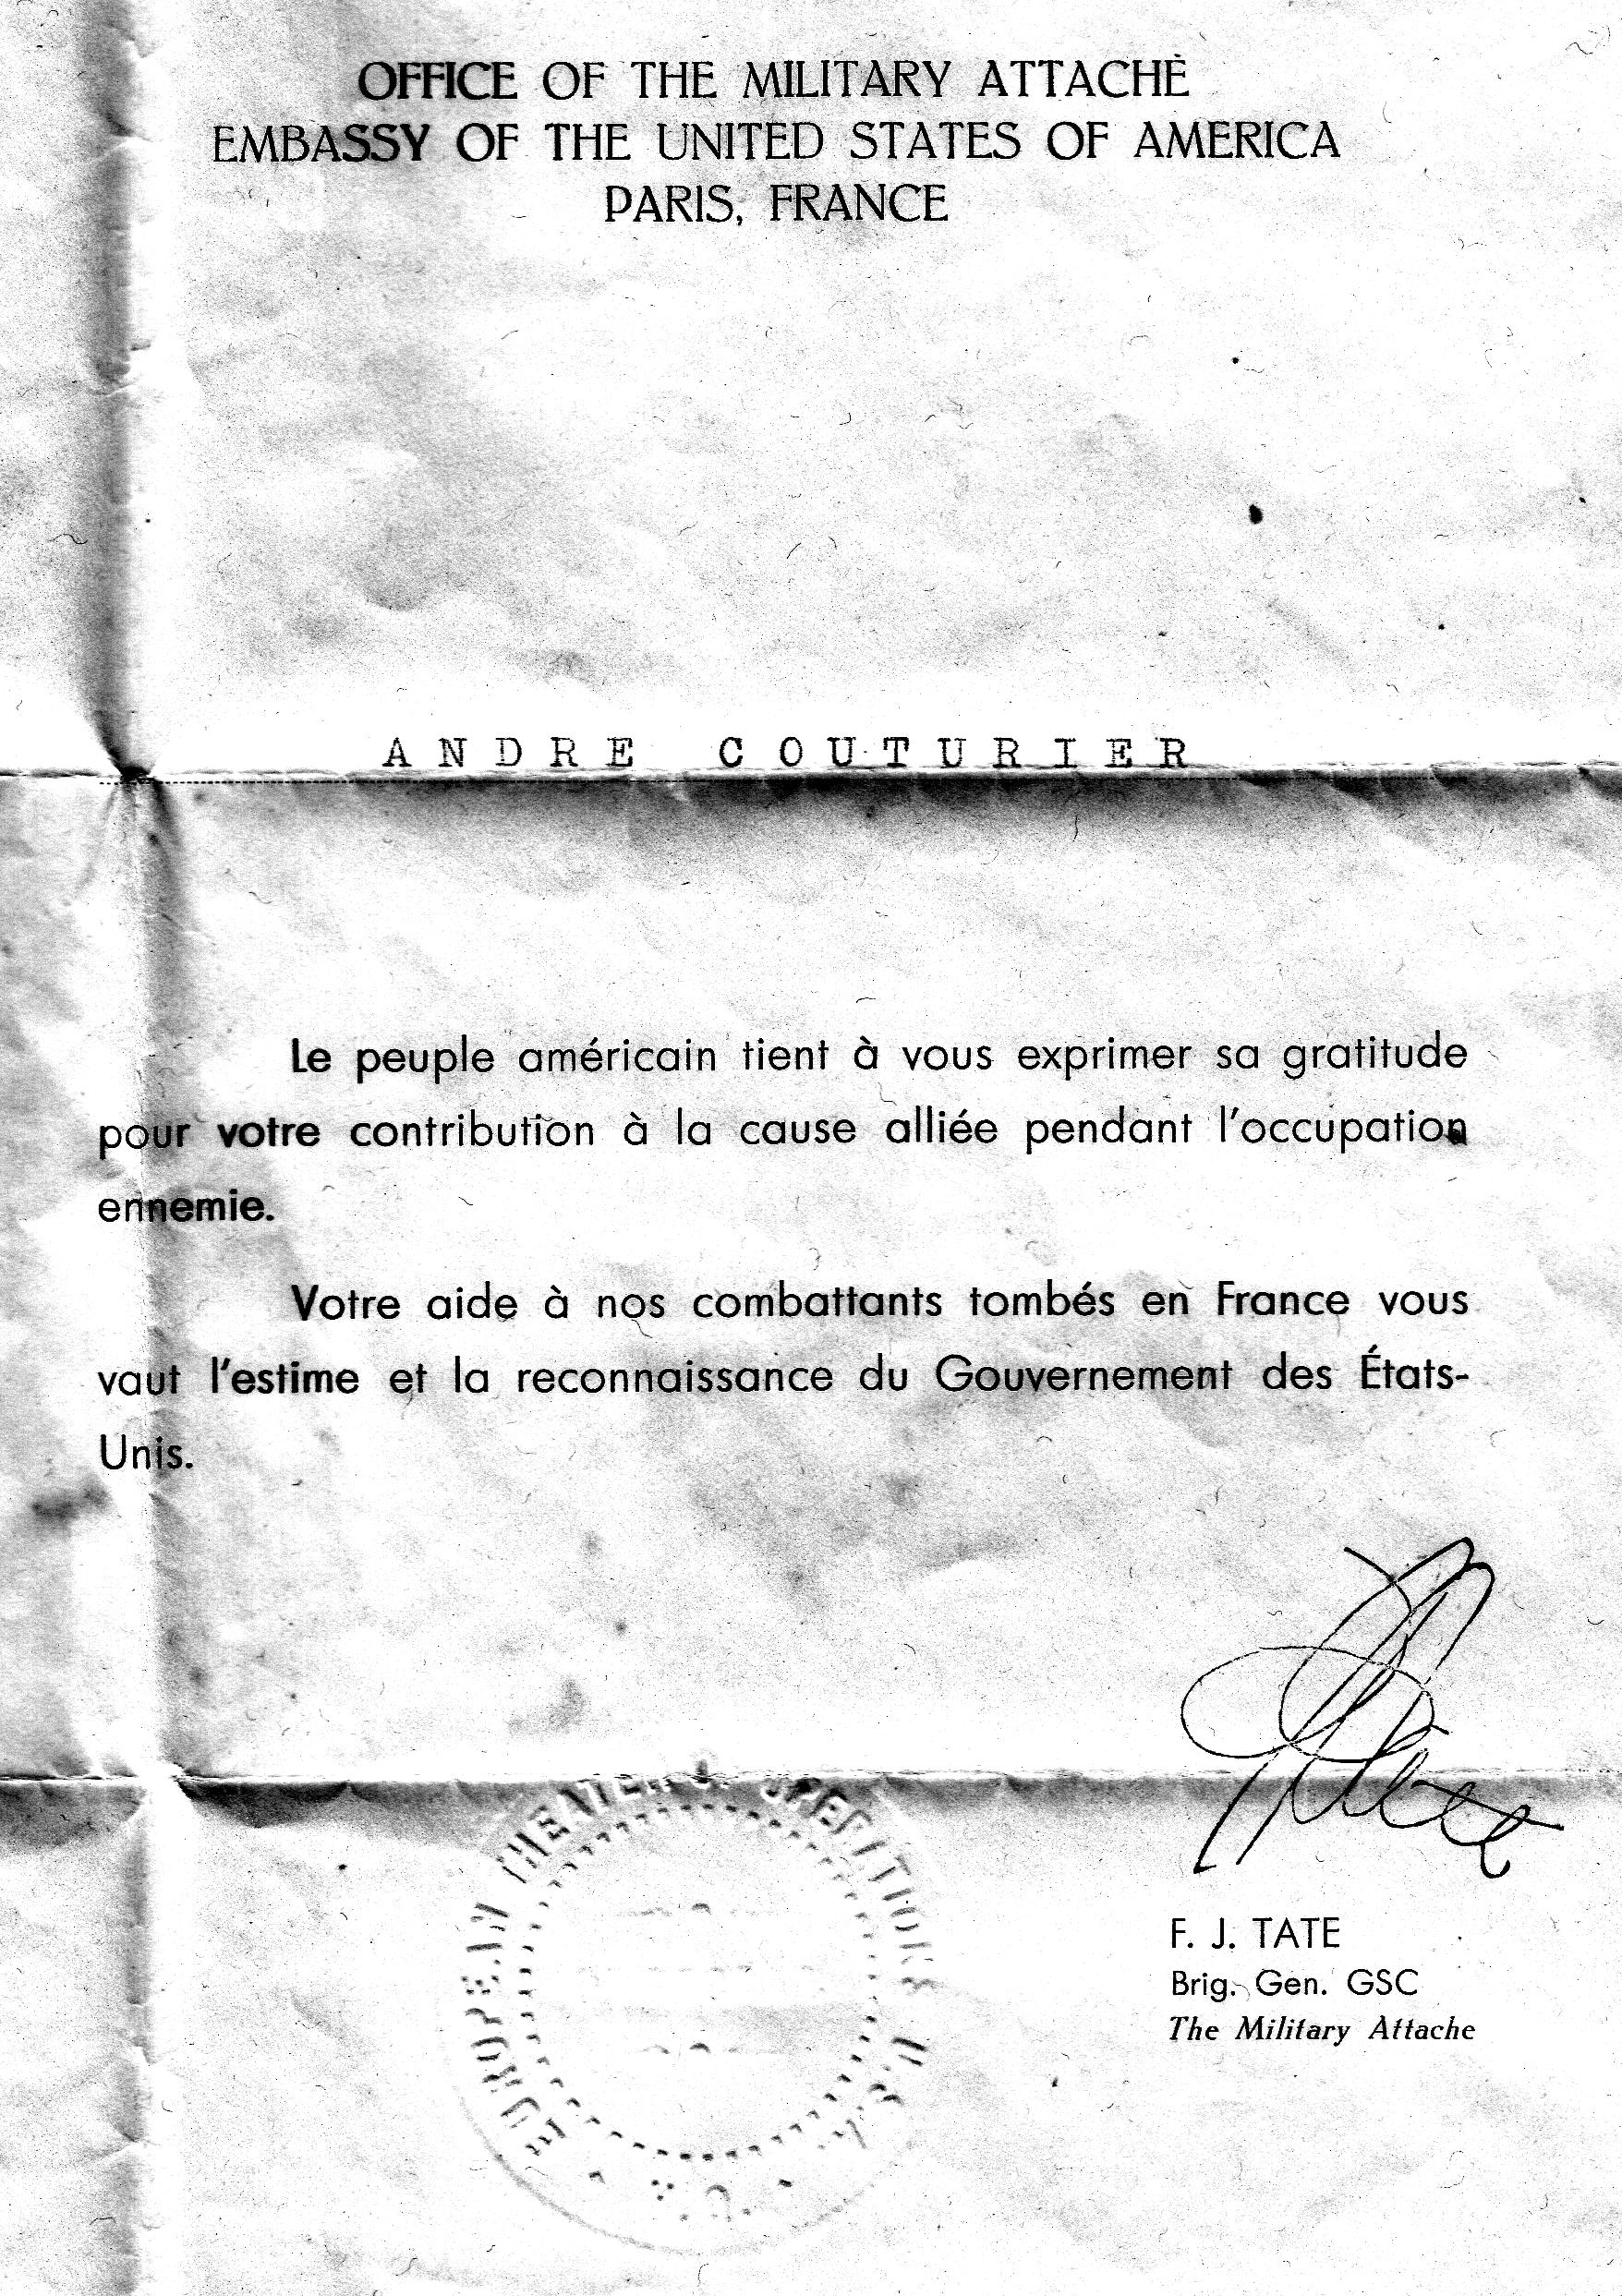 La lettre de l'attaché militaire de l'ambassade des Etats-Unis à André Couturier au lendemain de la guerre 39-45